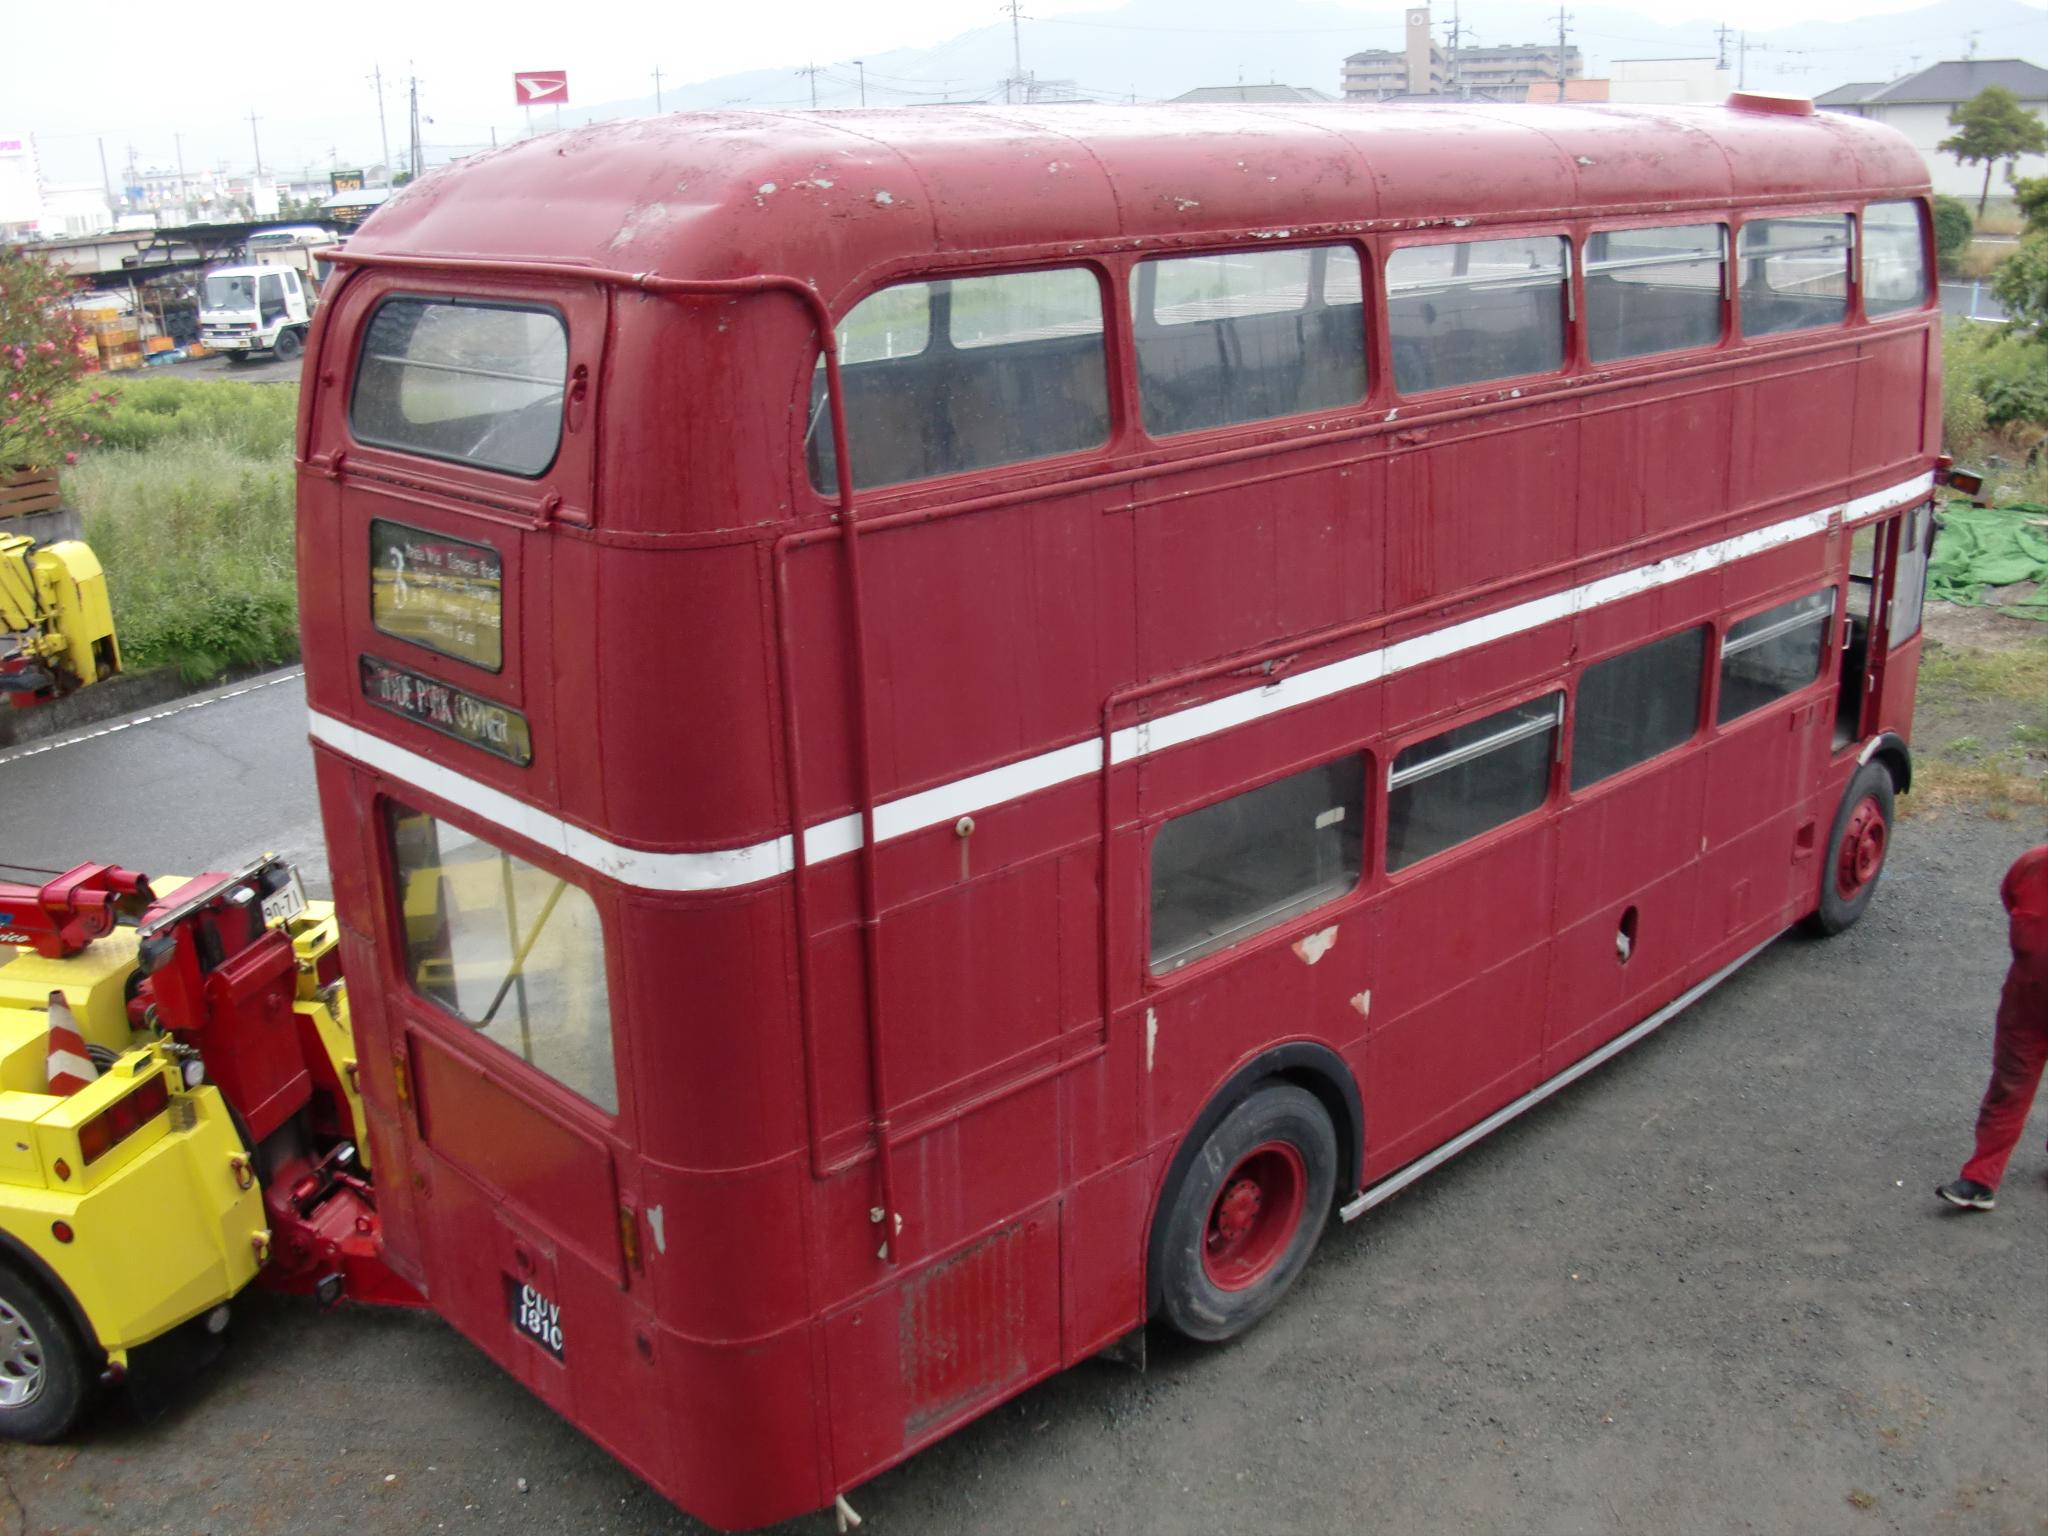 Routemaster ルートマスター ロンドン ダブルデッカーバス